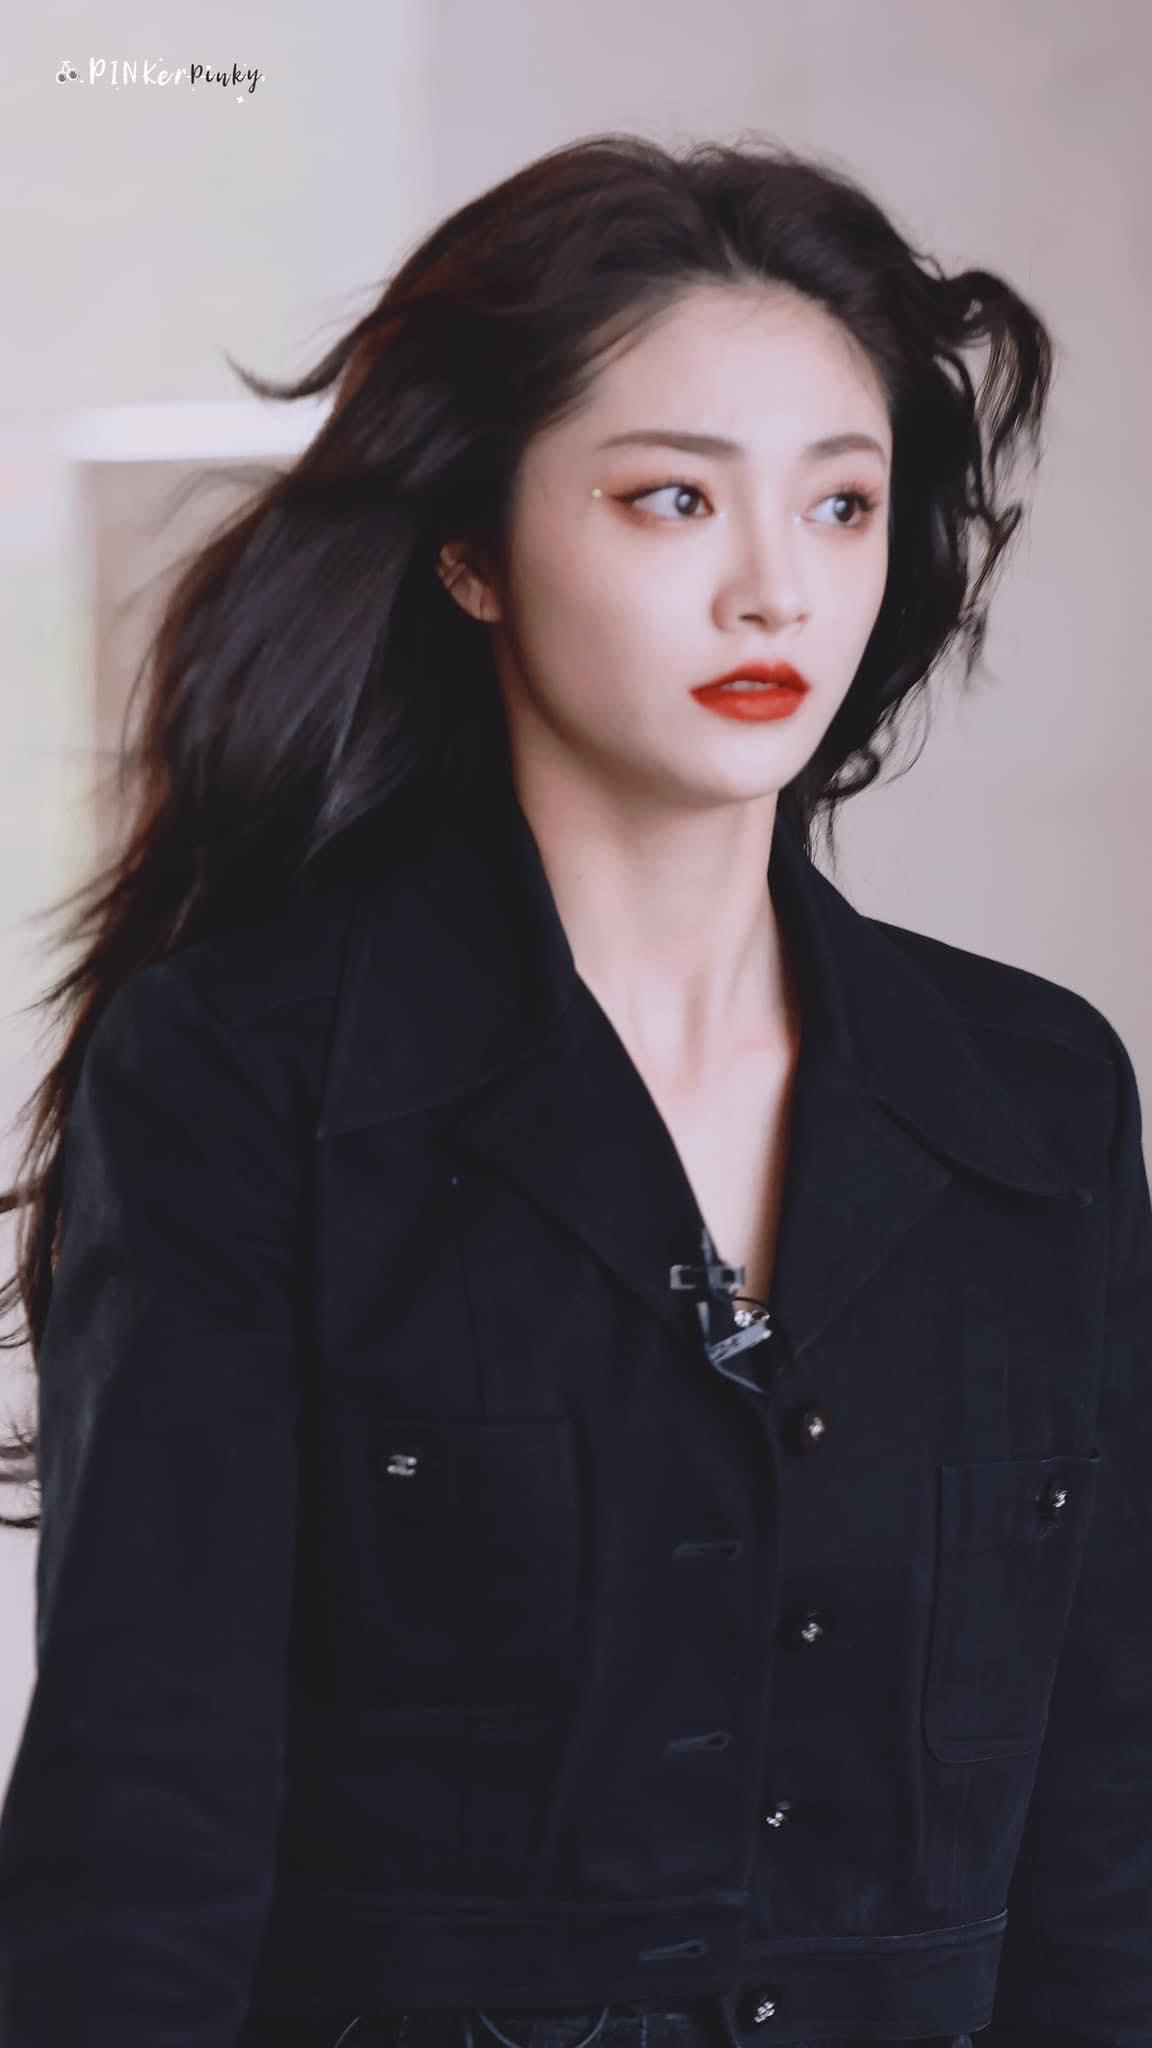 Chu Khiết Quỳnh quay lại sân khấu trình diễn khiến fan mong chờ. Từ khi về Trung hoạt động, cô nàng nhiều lần vướng scandal tiêu cực khiến danh tiếng giảm sút.